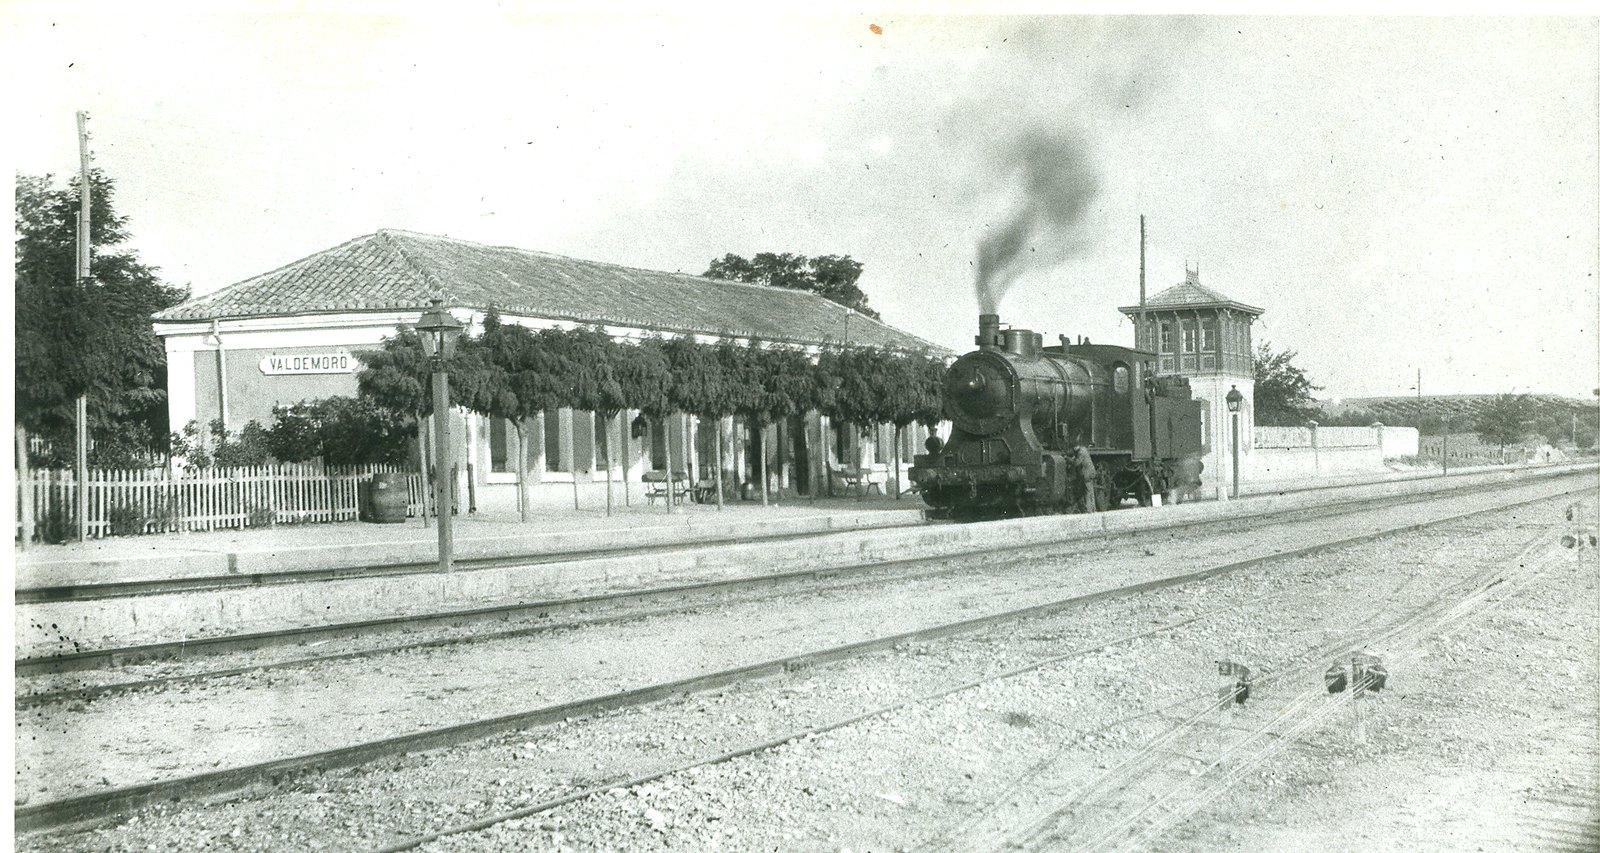 170 años de trenes en Valdemoro